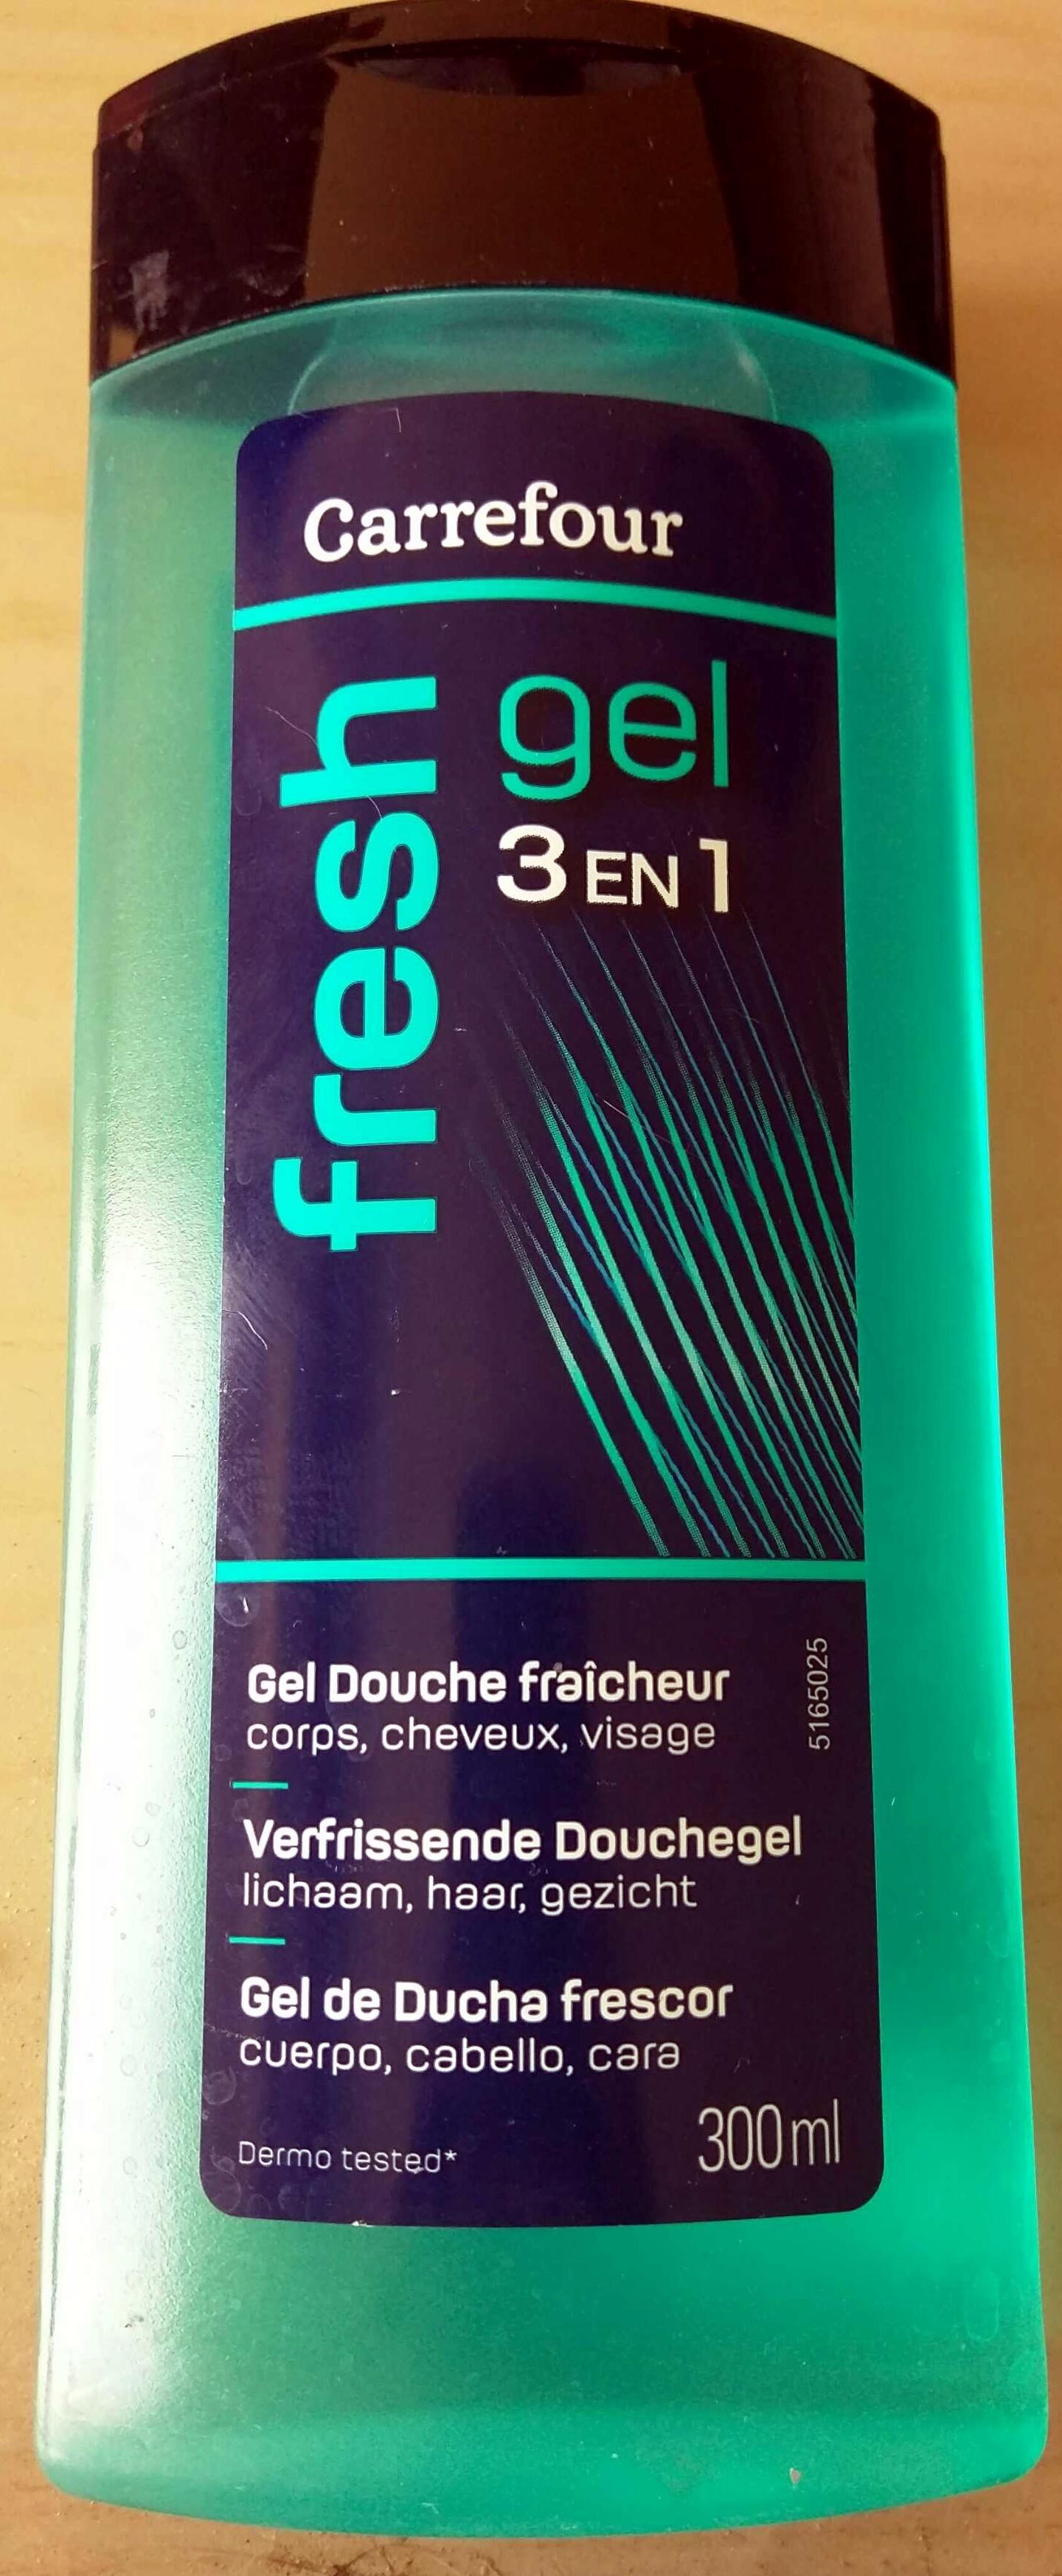 Gel Douche Fraîcheur - Product - fr